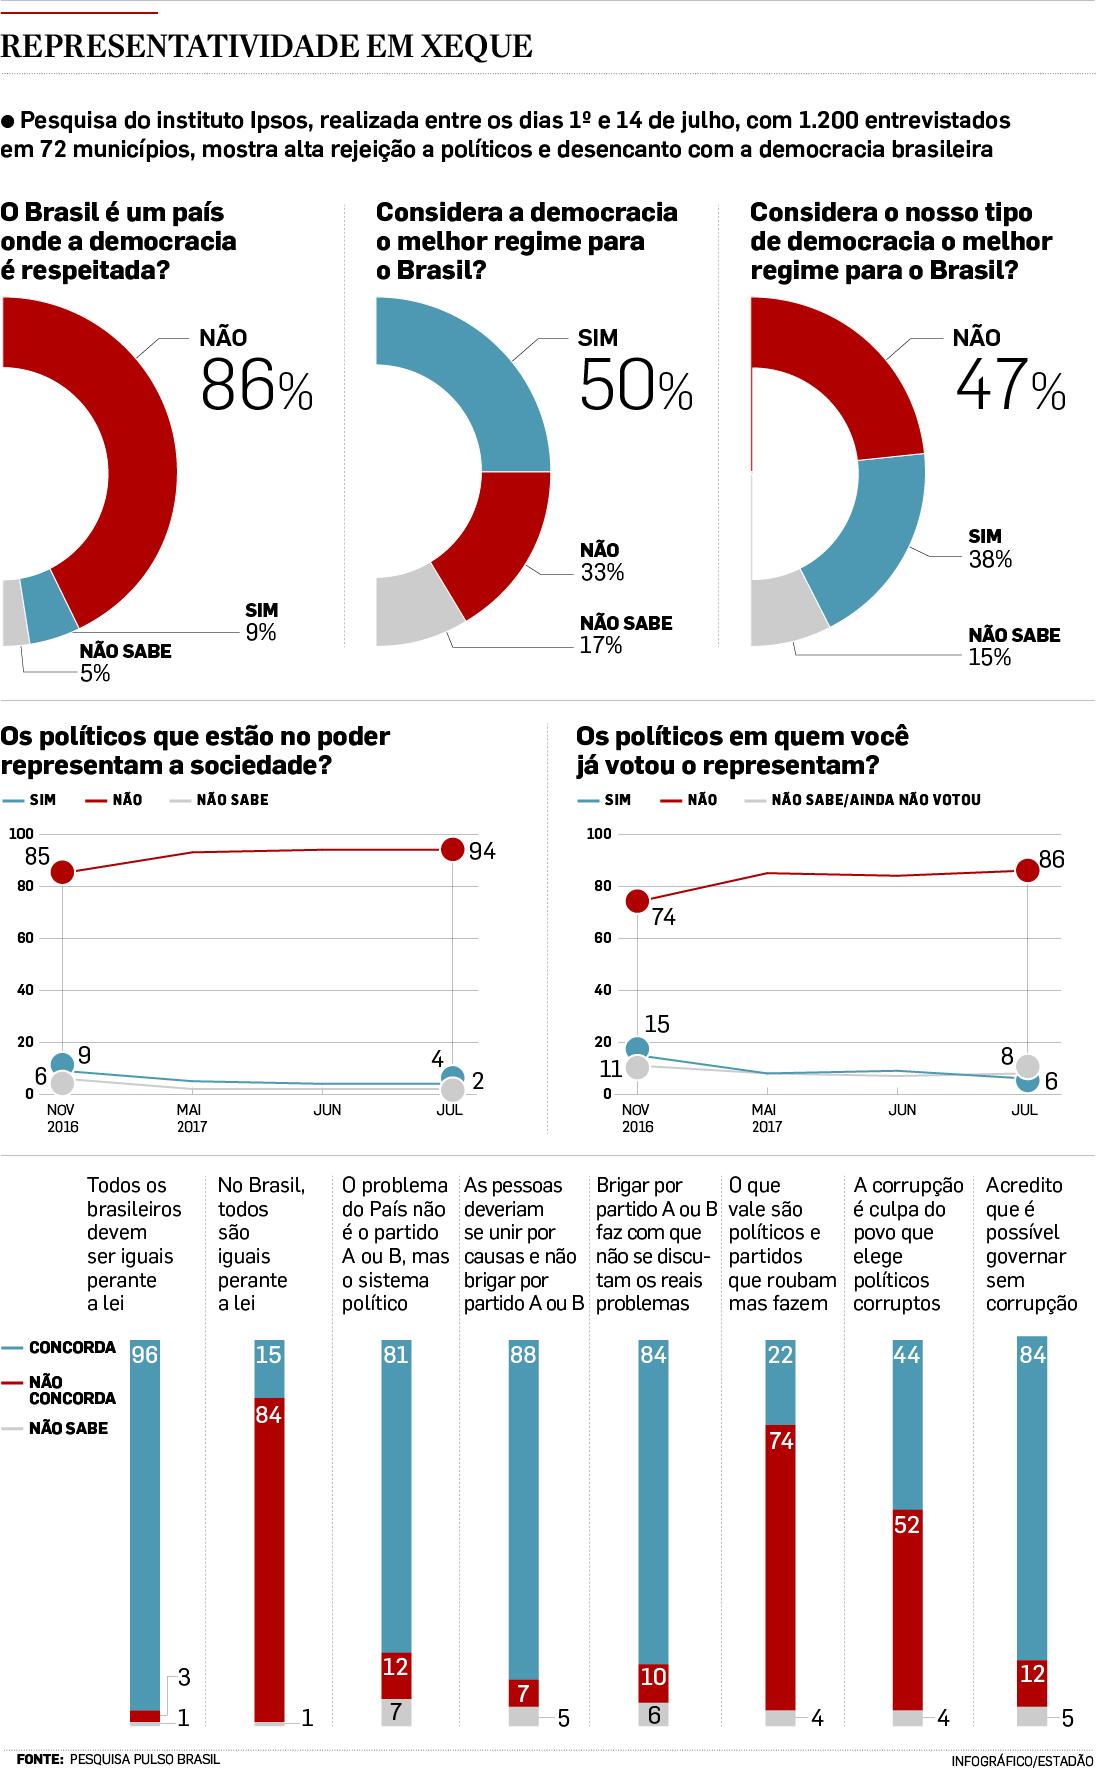 FONTE: PESQUISA PULSO BRASIL